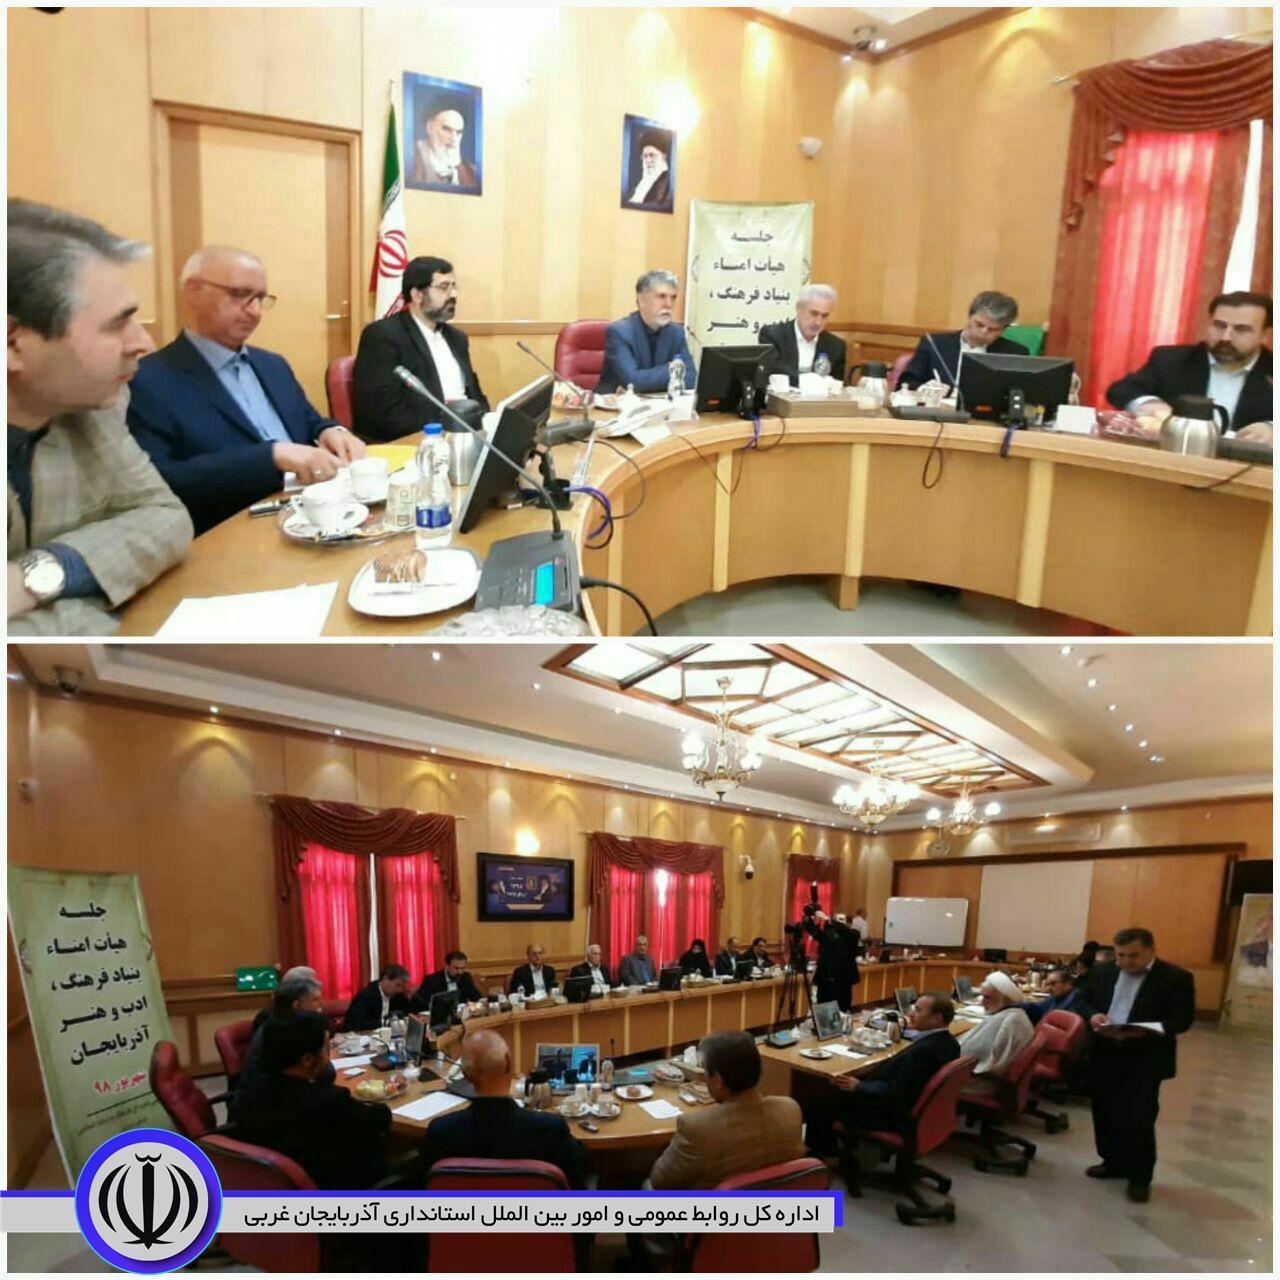 برگزاری ششمین جلسه بنیاد فرهنگ، هنر و ادب آذربایجان